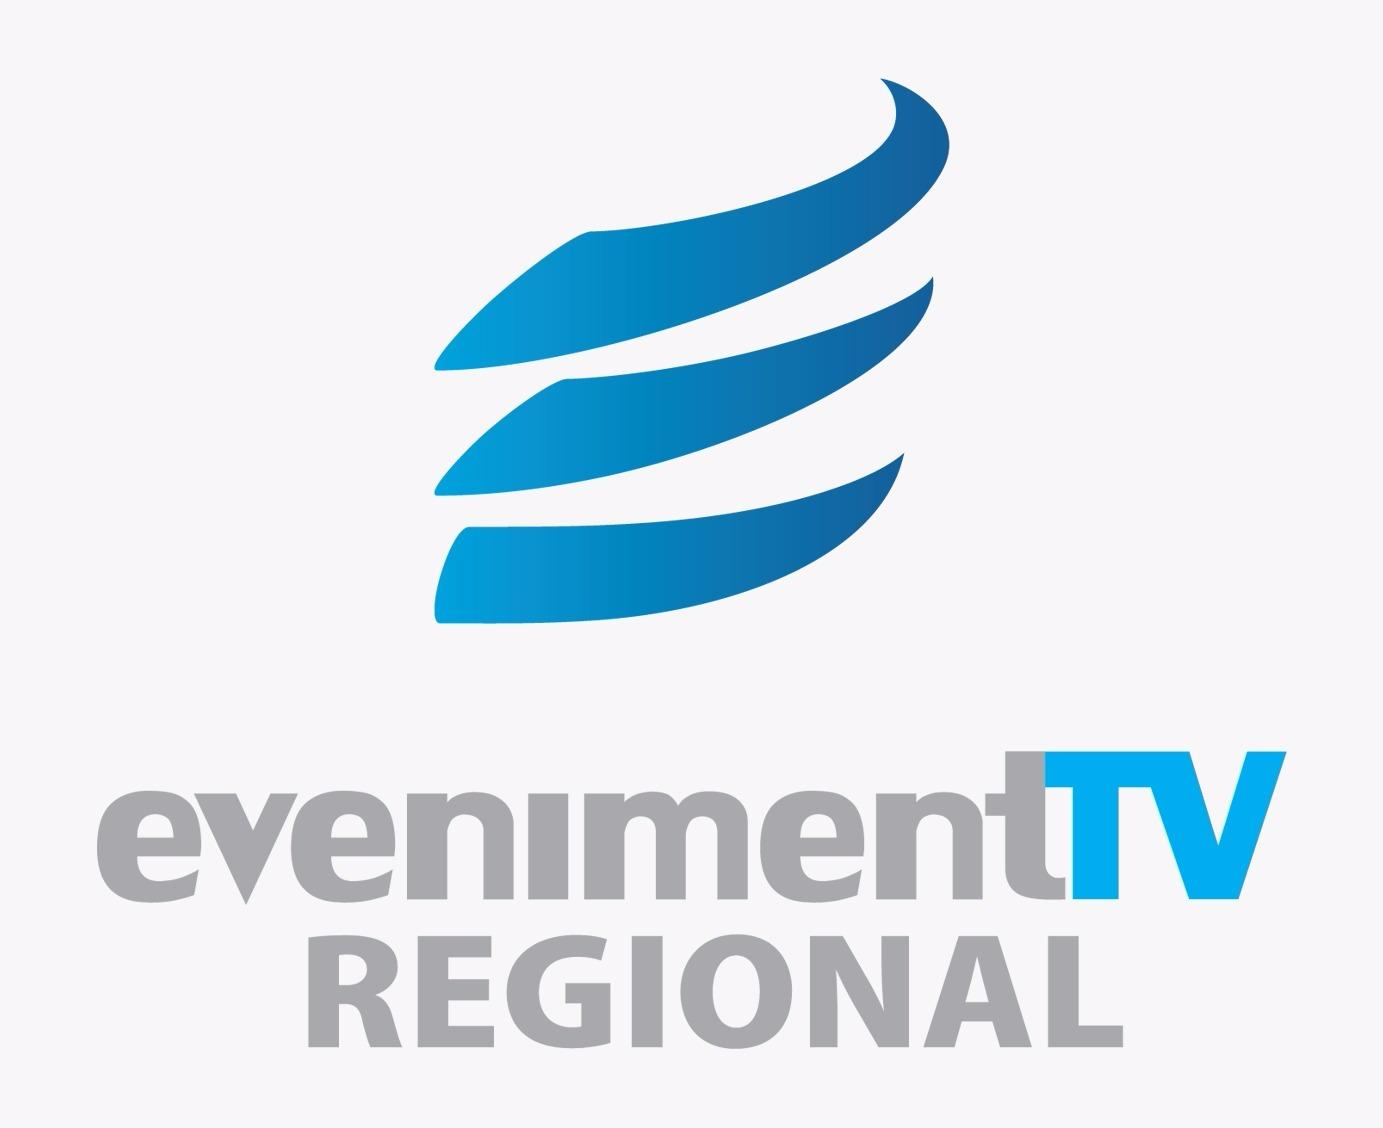 Eveniment TV REGIONAL se receptioneaza si pe litoralul Romanesc.